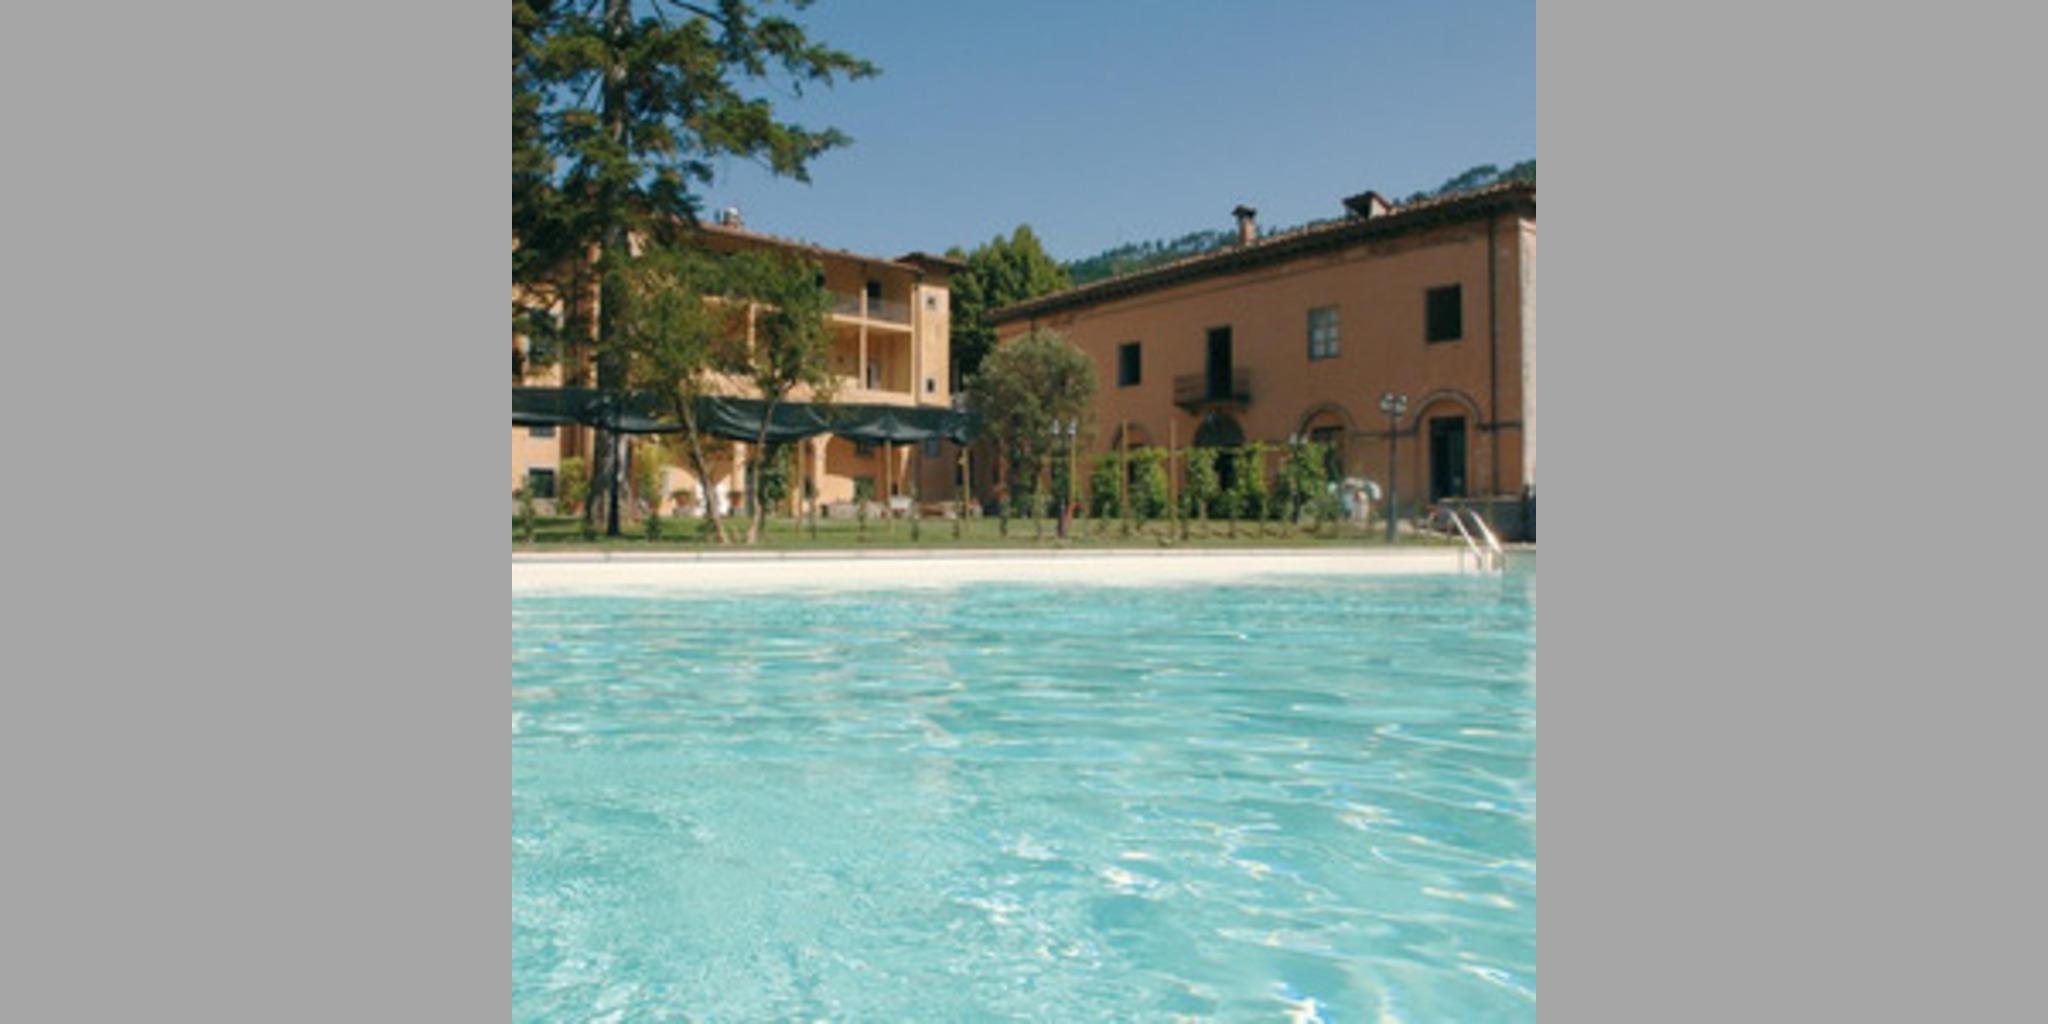 Bed & Breakfast Bagni Di Lucca - Terme Bagni Di Lucca_A